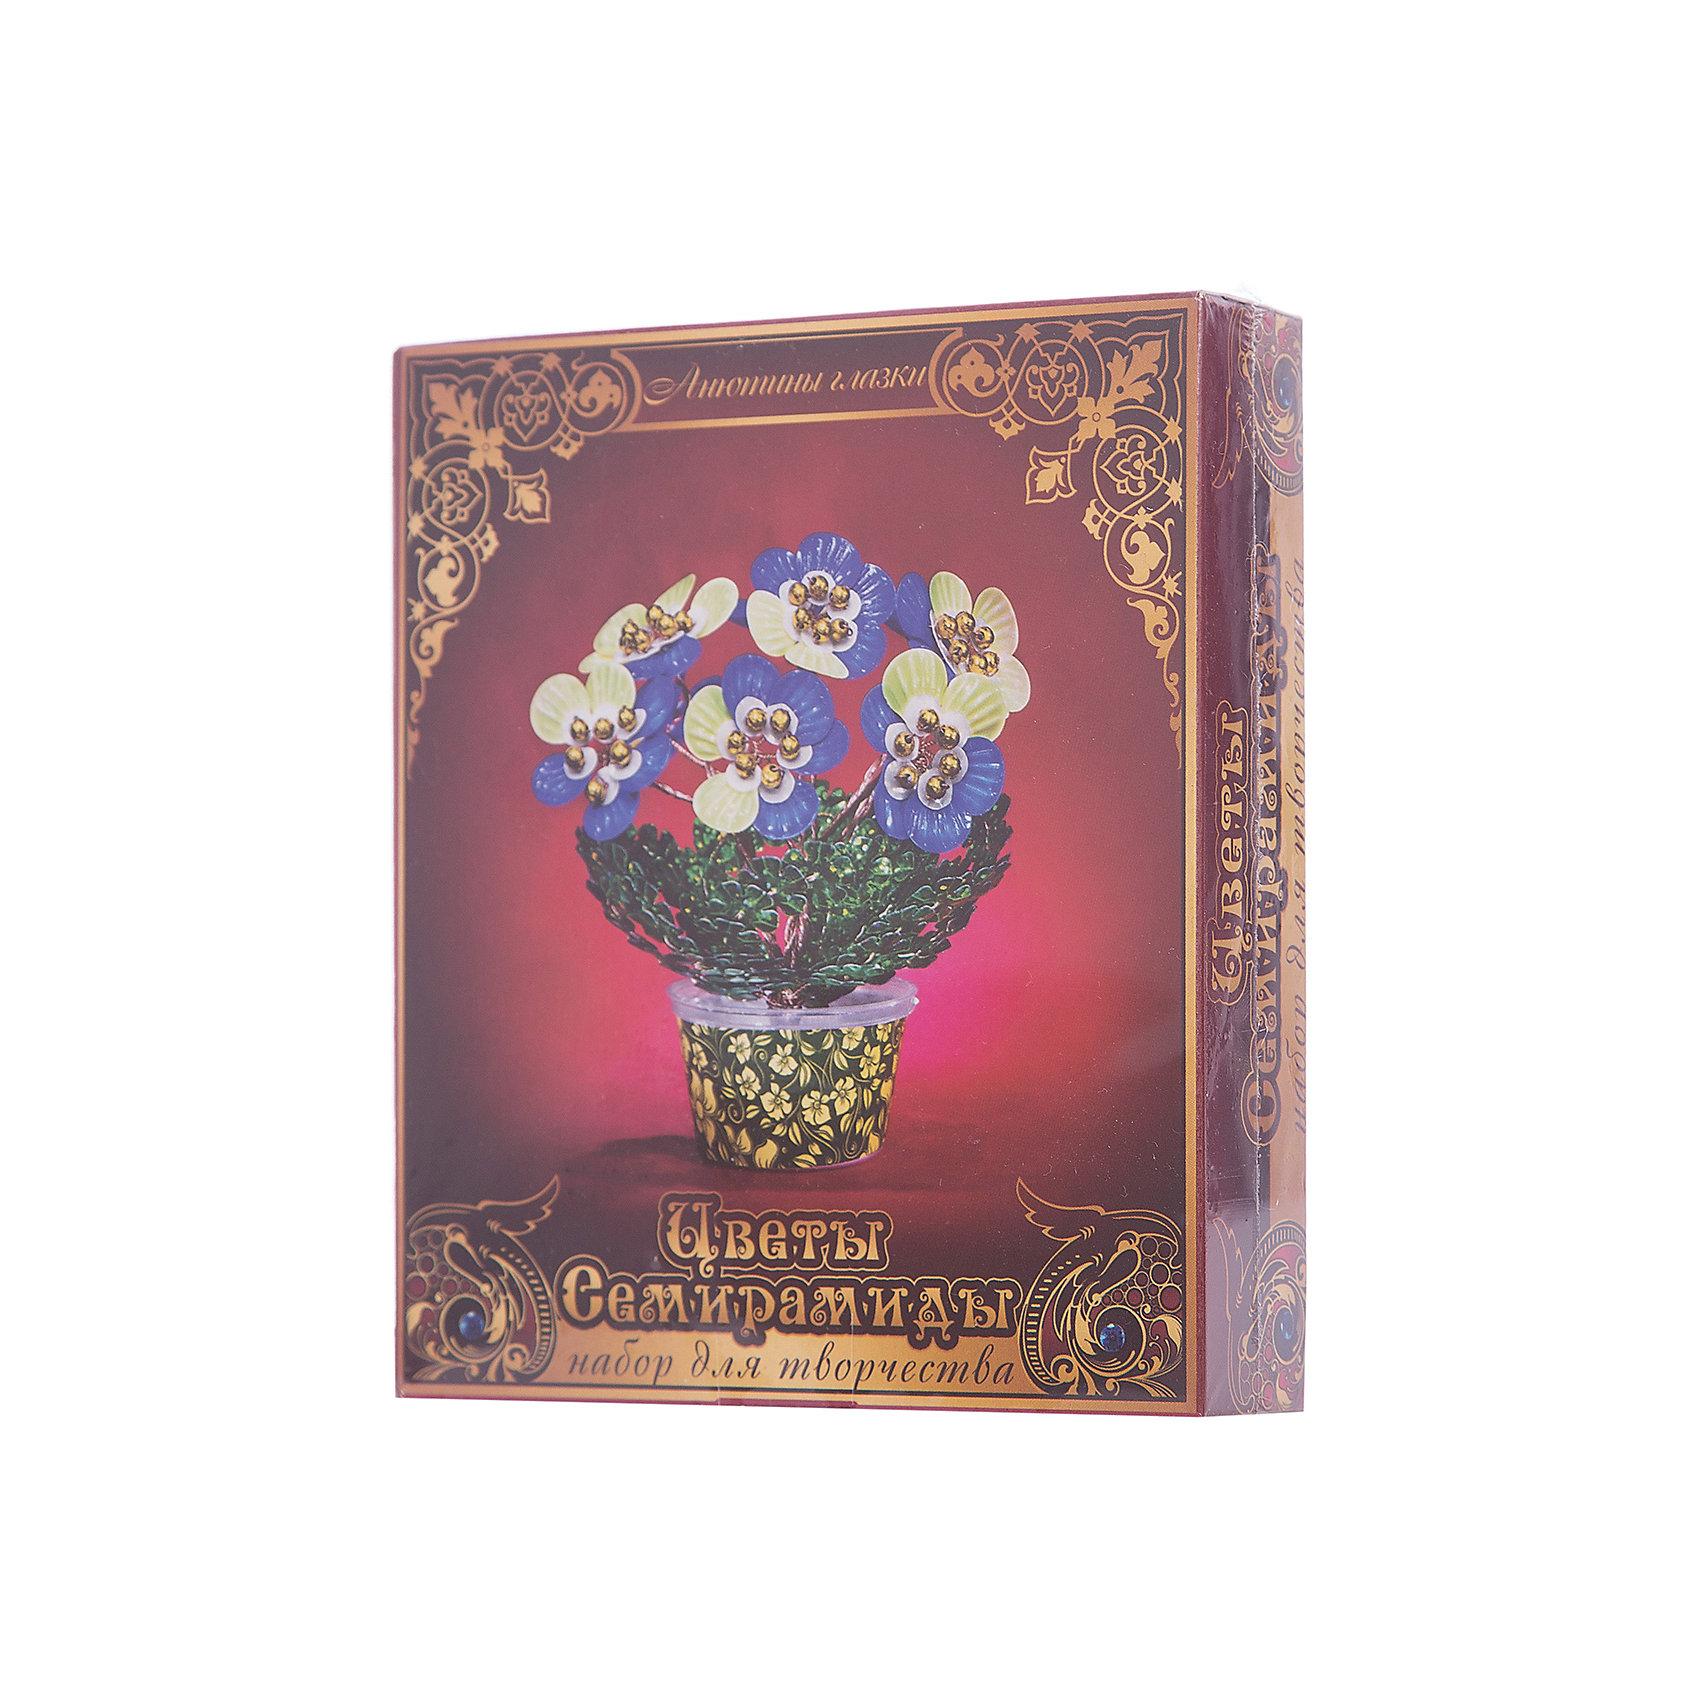 Набор для творчества Цветы Семирамиды Анютины глазкиДеревья из пайеток<br>Серия «Цветы Семирамиды» представляют собой комплект необходимых<br>материалов, используя которые можно создать своё «Волшебный цветок» из каждого набора. Наборы предназначены для семейного творчества.<br><br>Ширина мм: 12<br>Глубина мм: 3<br>Высота мм: 14<br>Вес г: 90<br>Возраст от месяцев: 84<br>Возраст до месяцев: 192<br>Пол: Унисекс<br>Возраст: Детский<br>SKU: 5068889